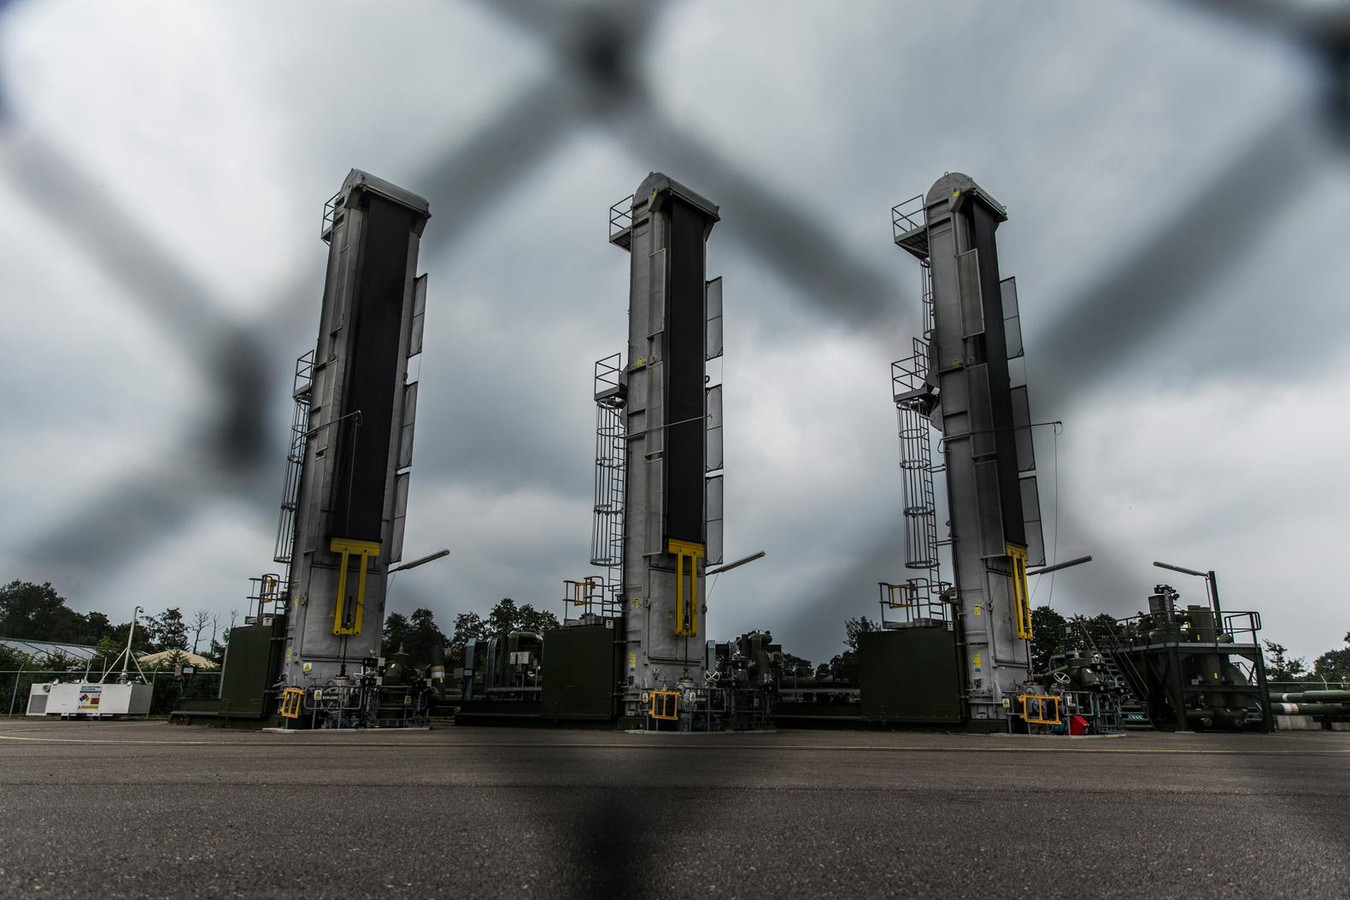 De pompinstallatie van de Nederlandse Aardolie Maatschappij waar olie wordt gewonnen.